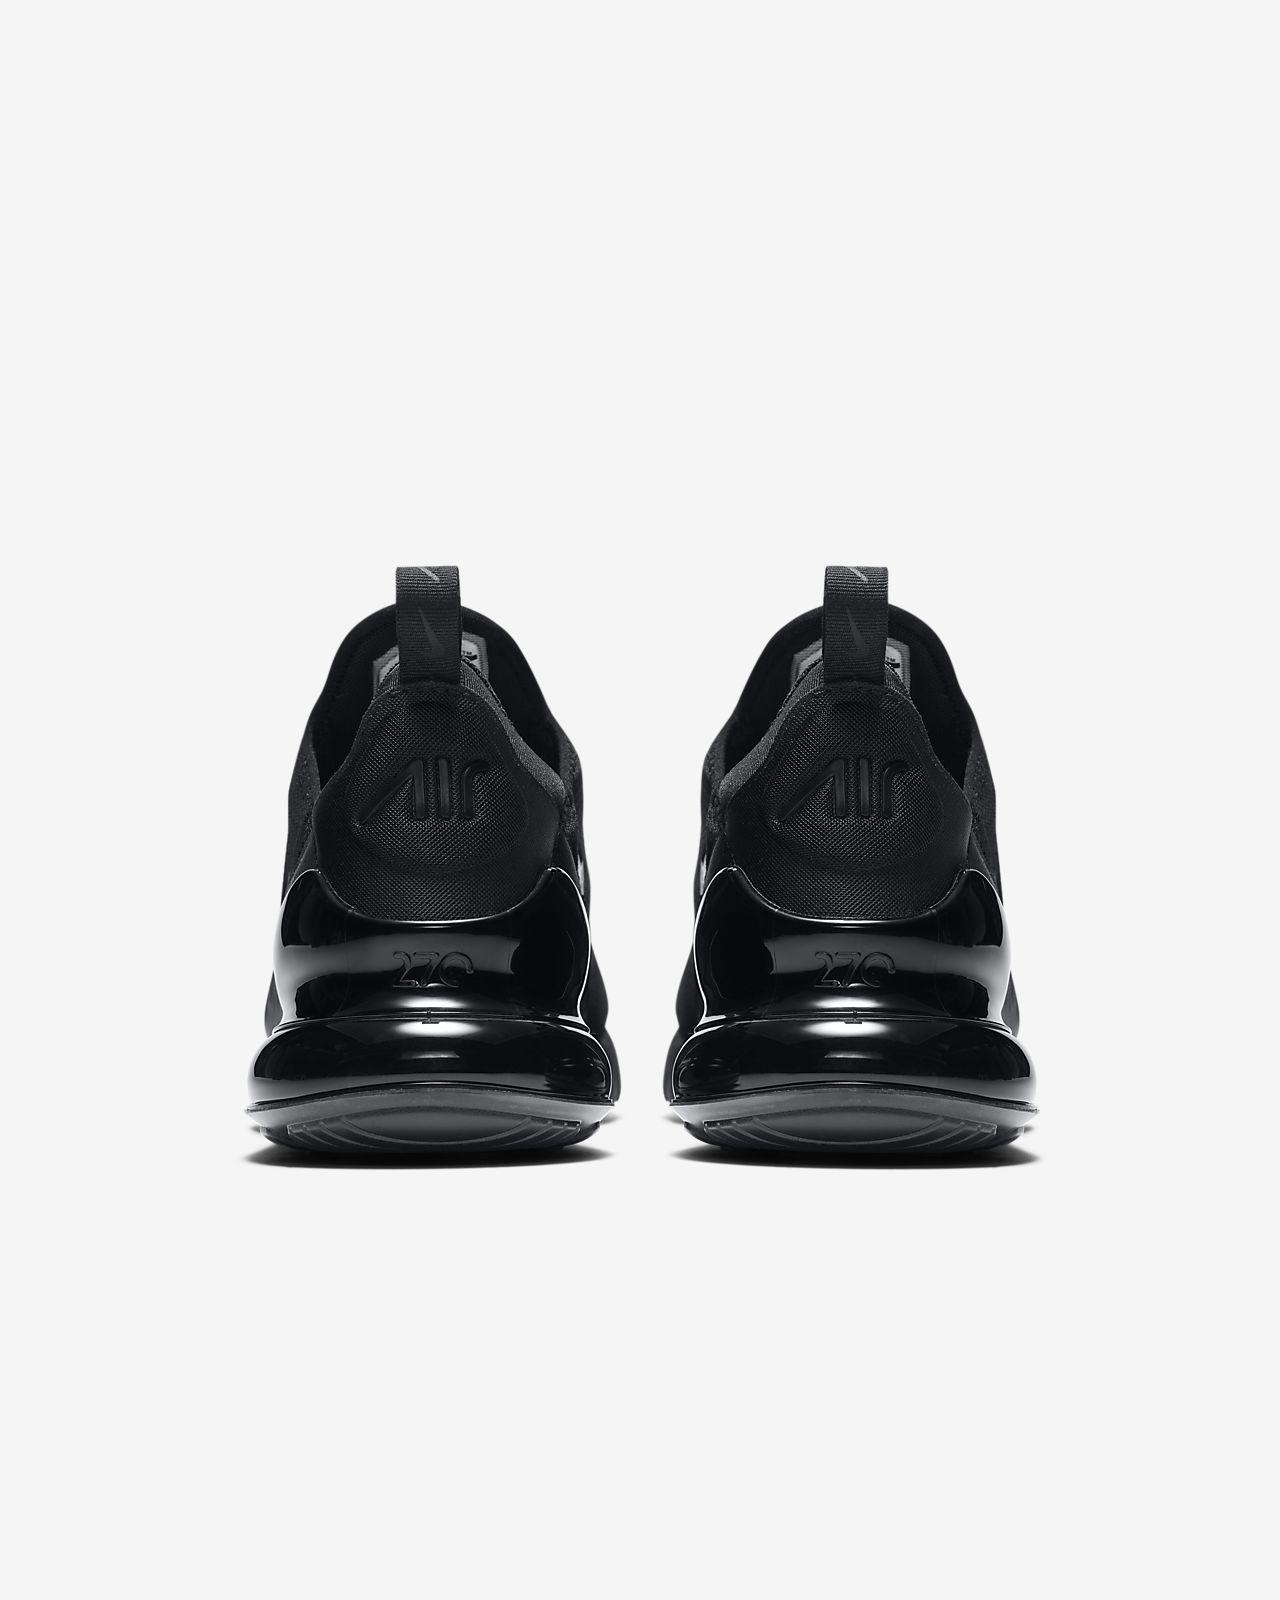 b358f8c250 Calzado para hombre Nike Air Max 270. Nike.com MX